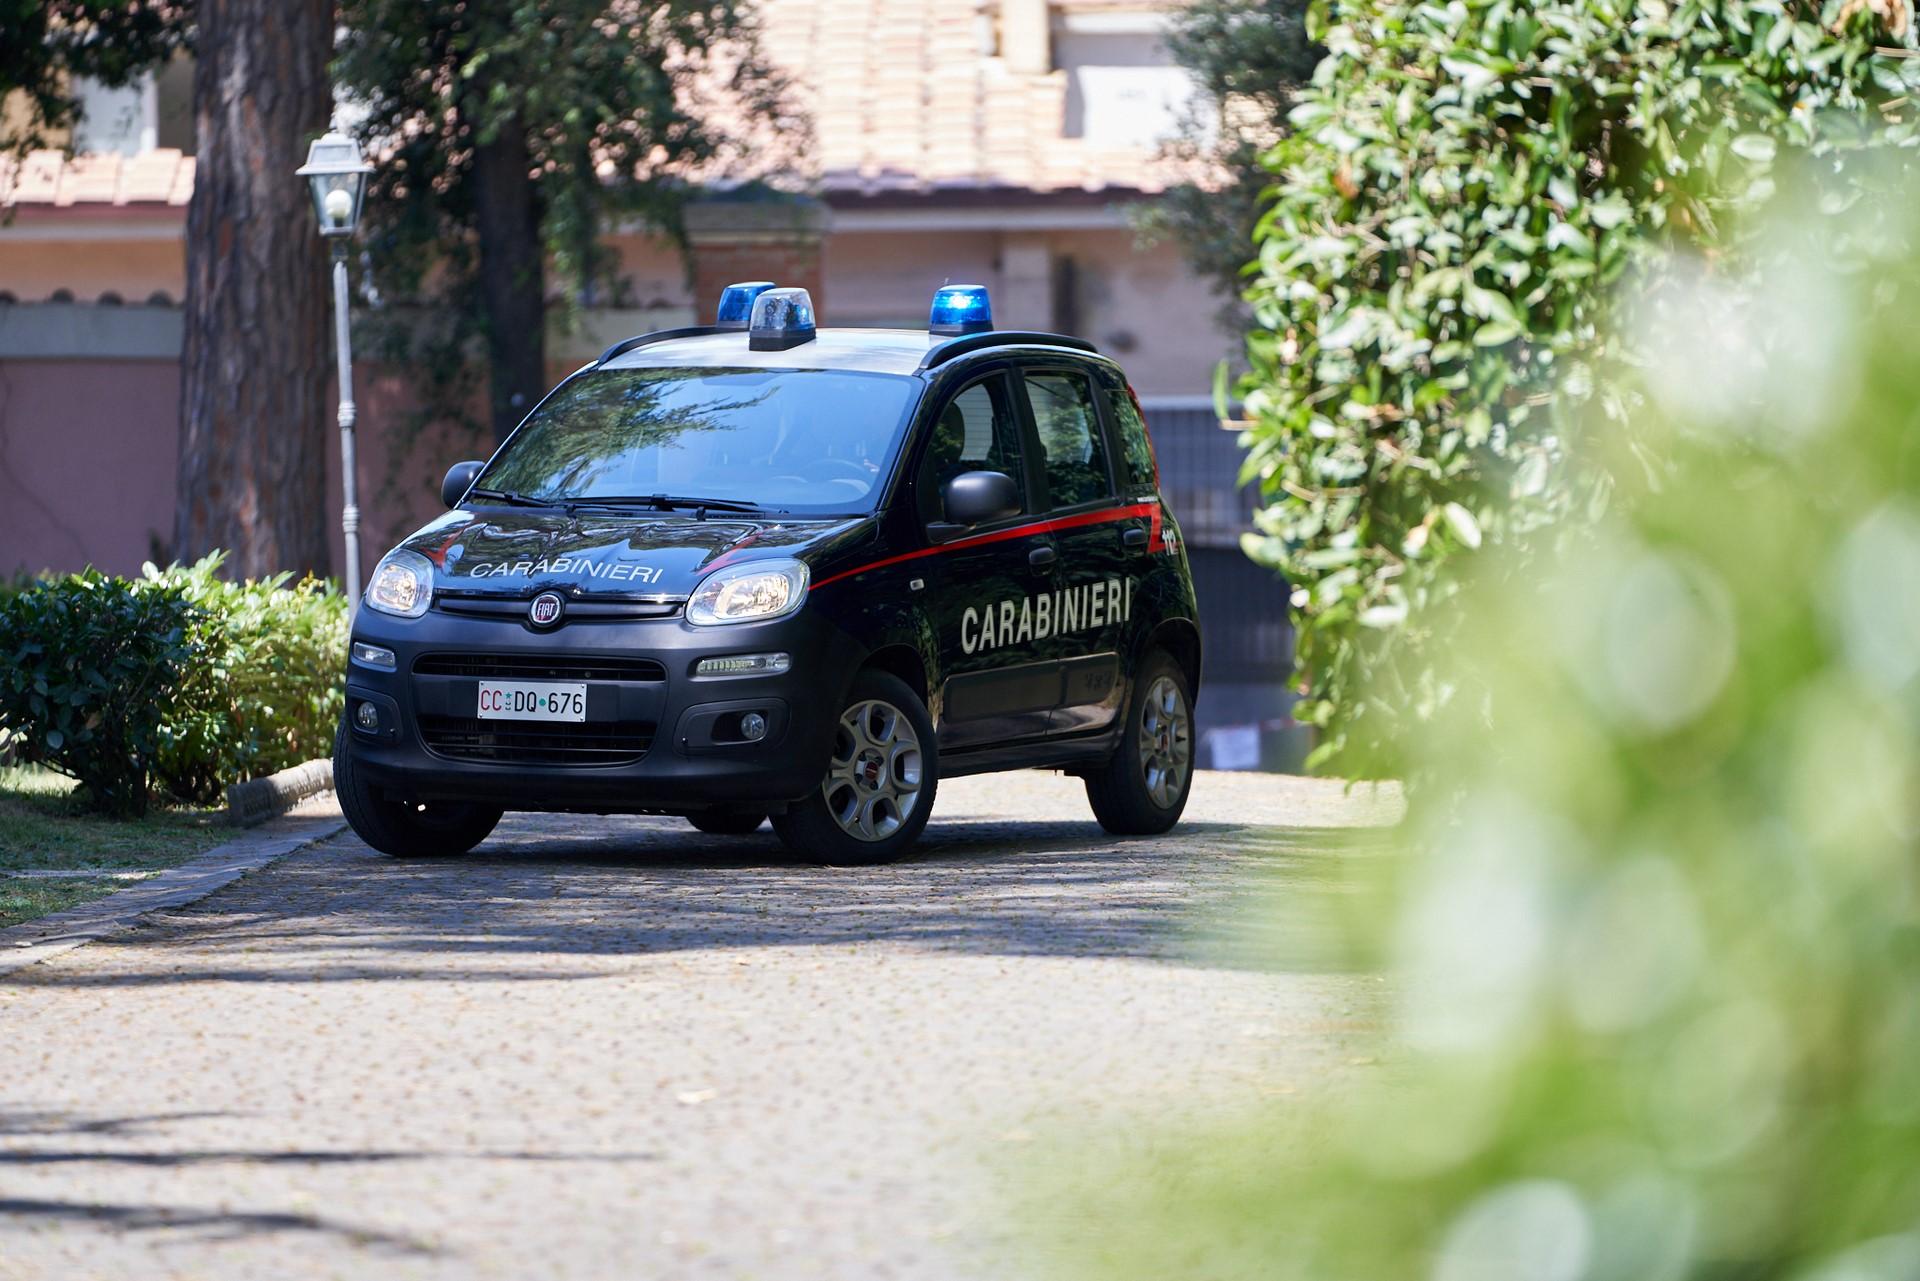 Jeep Wrangler Italian Police (20)